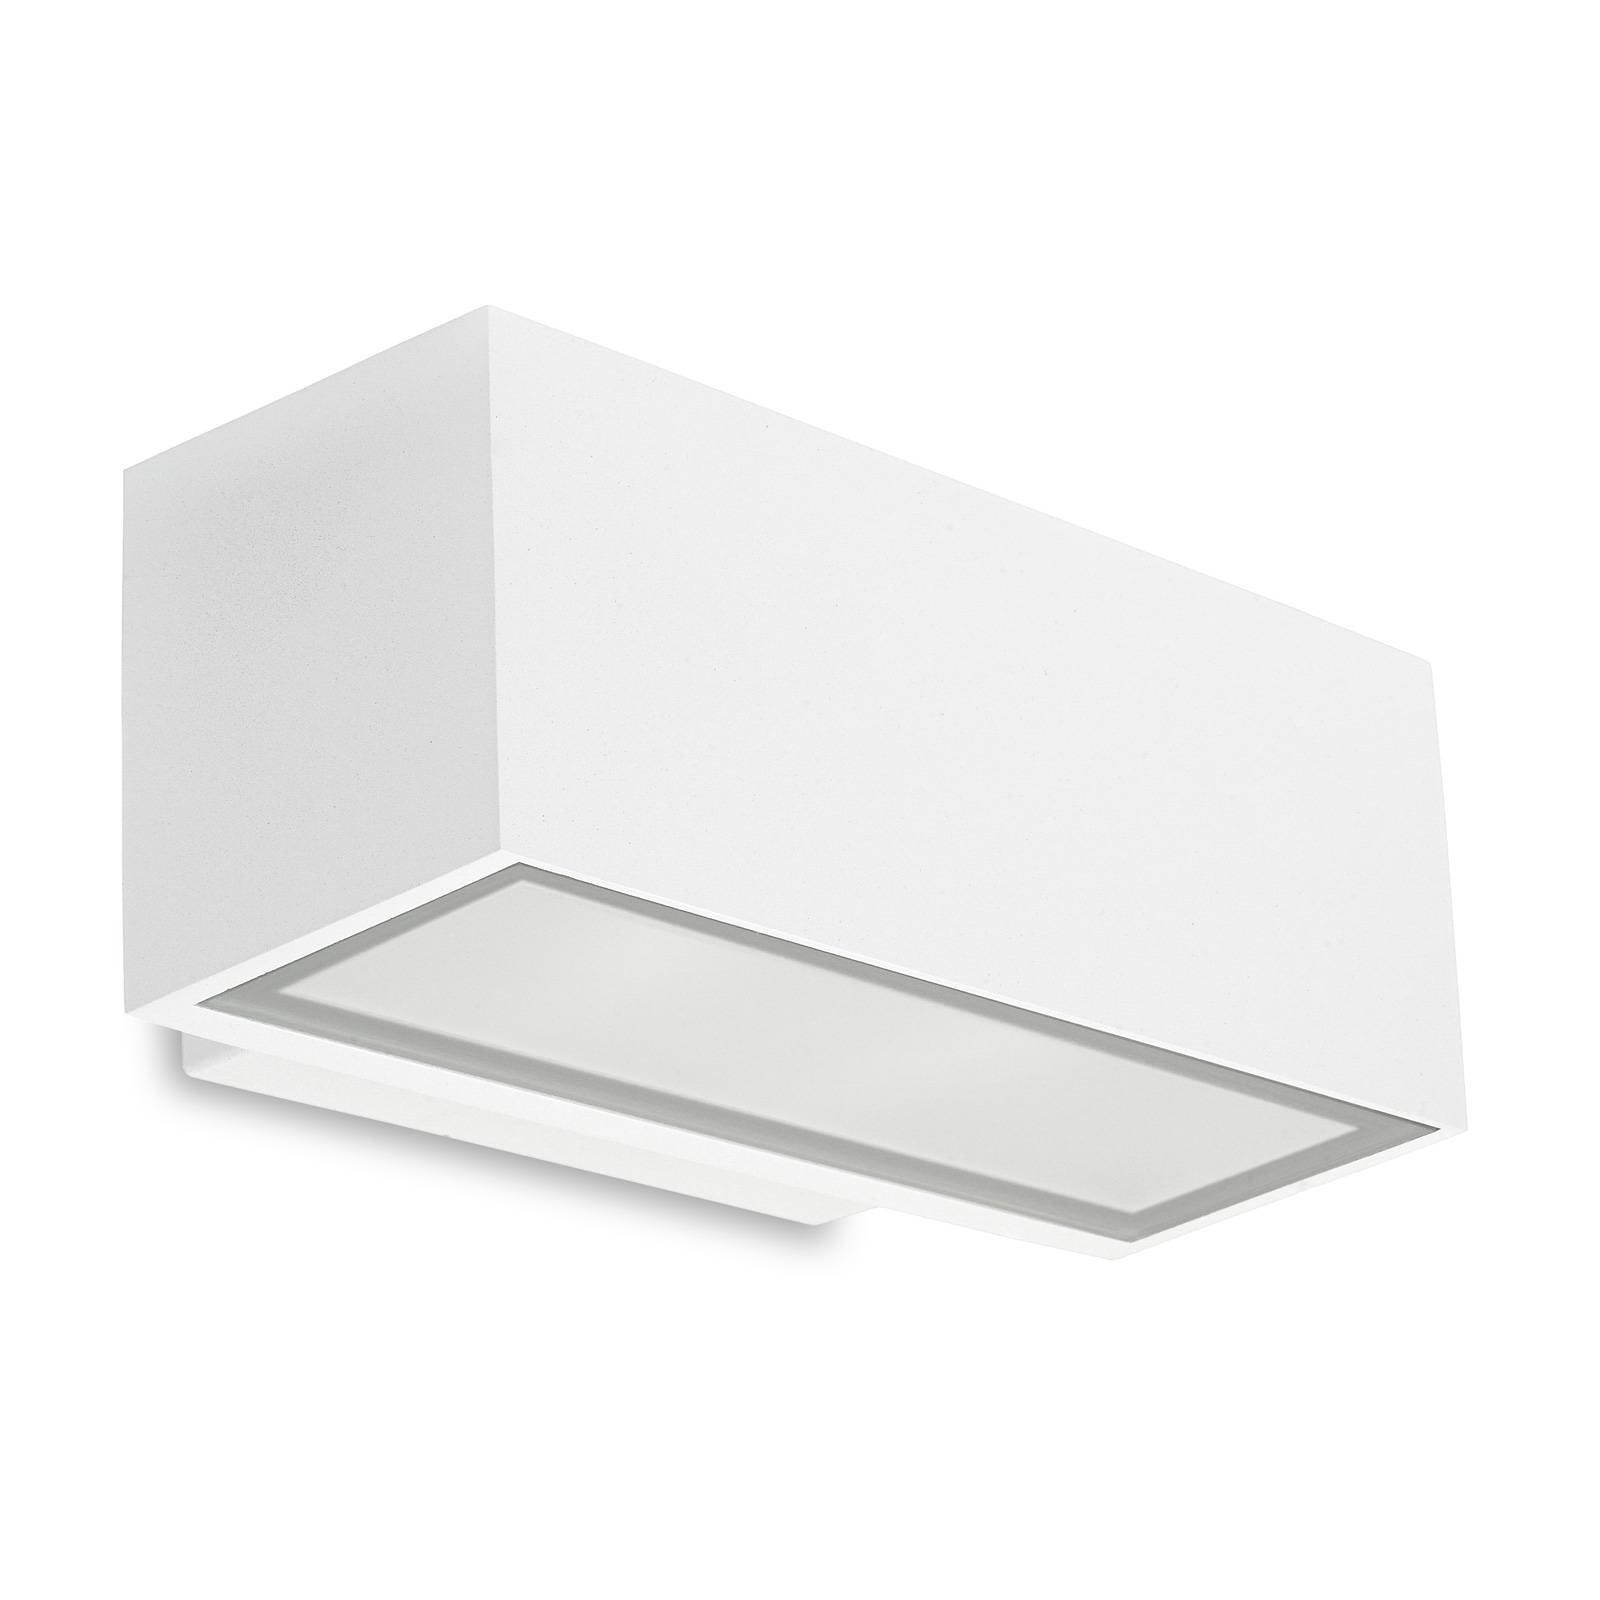 LEDS-C4 Afrodita utendørs vegglampe, opp/ned, hvit